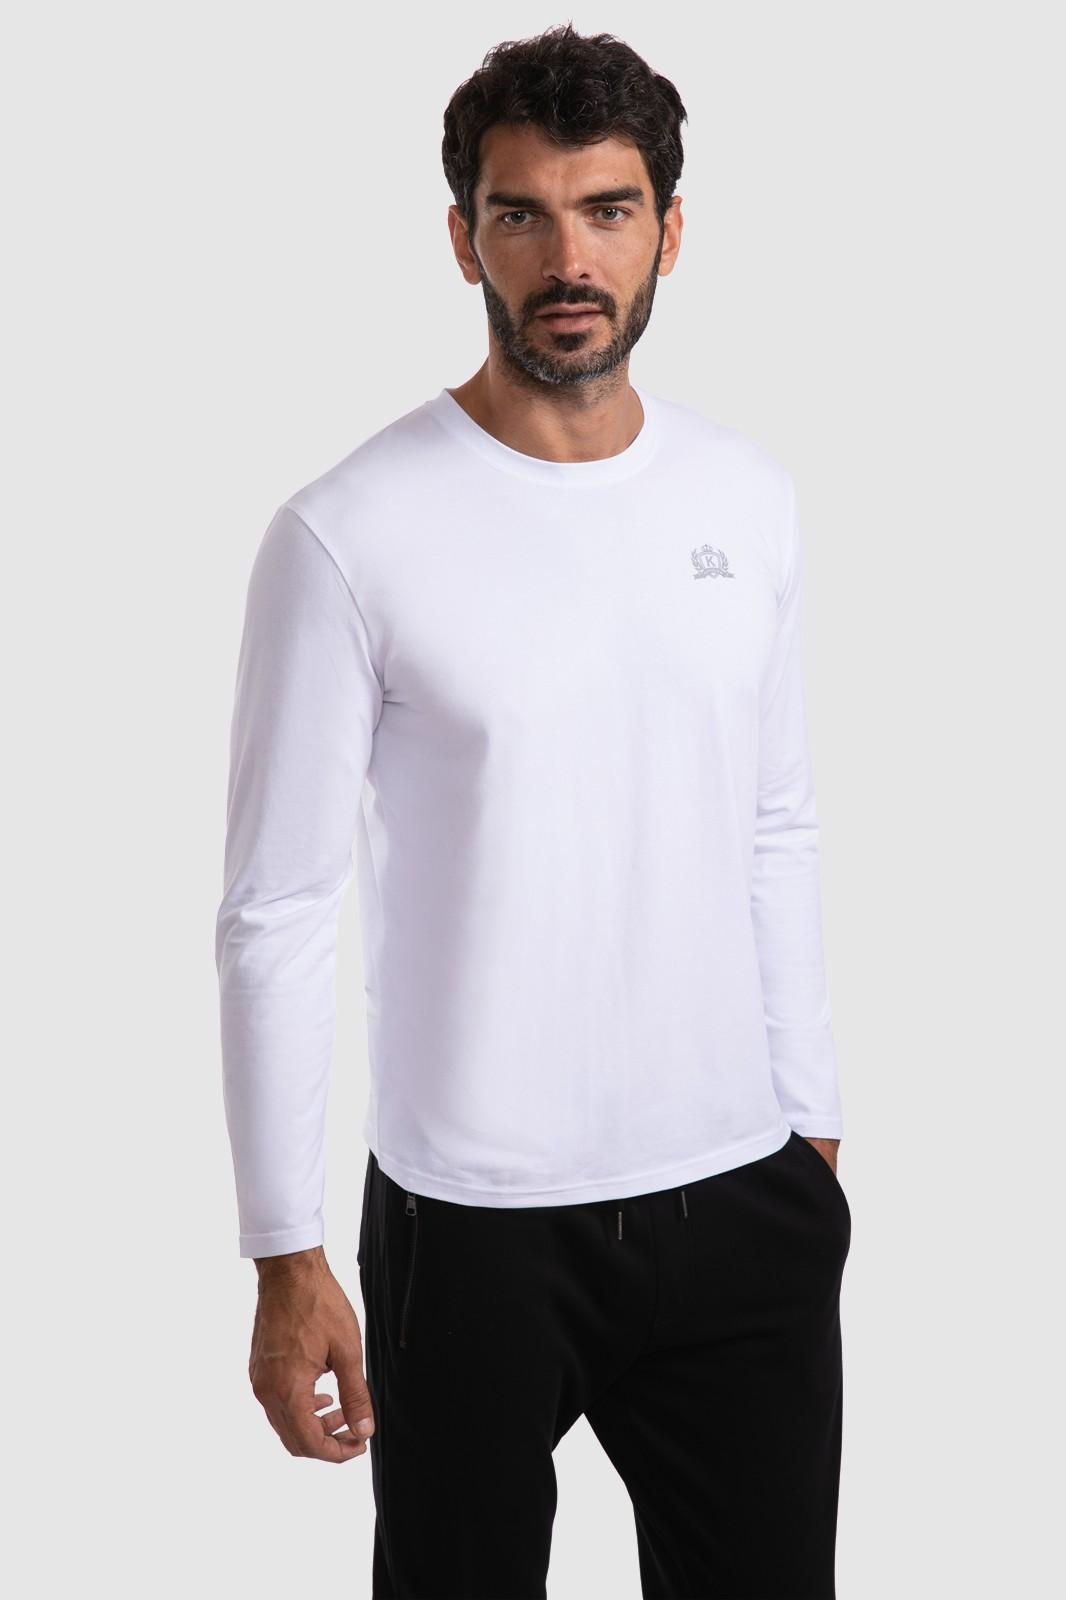 Фото - Kanzler Футболка с длинным рукавом из хлопка KANZLER футболка с длинным рукавом opium футболка с длинным рукавом